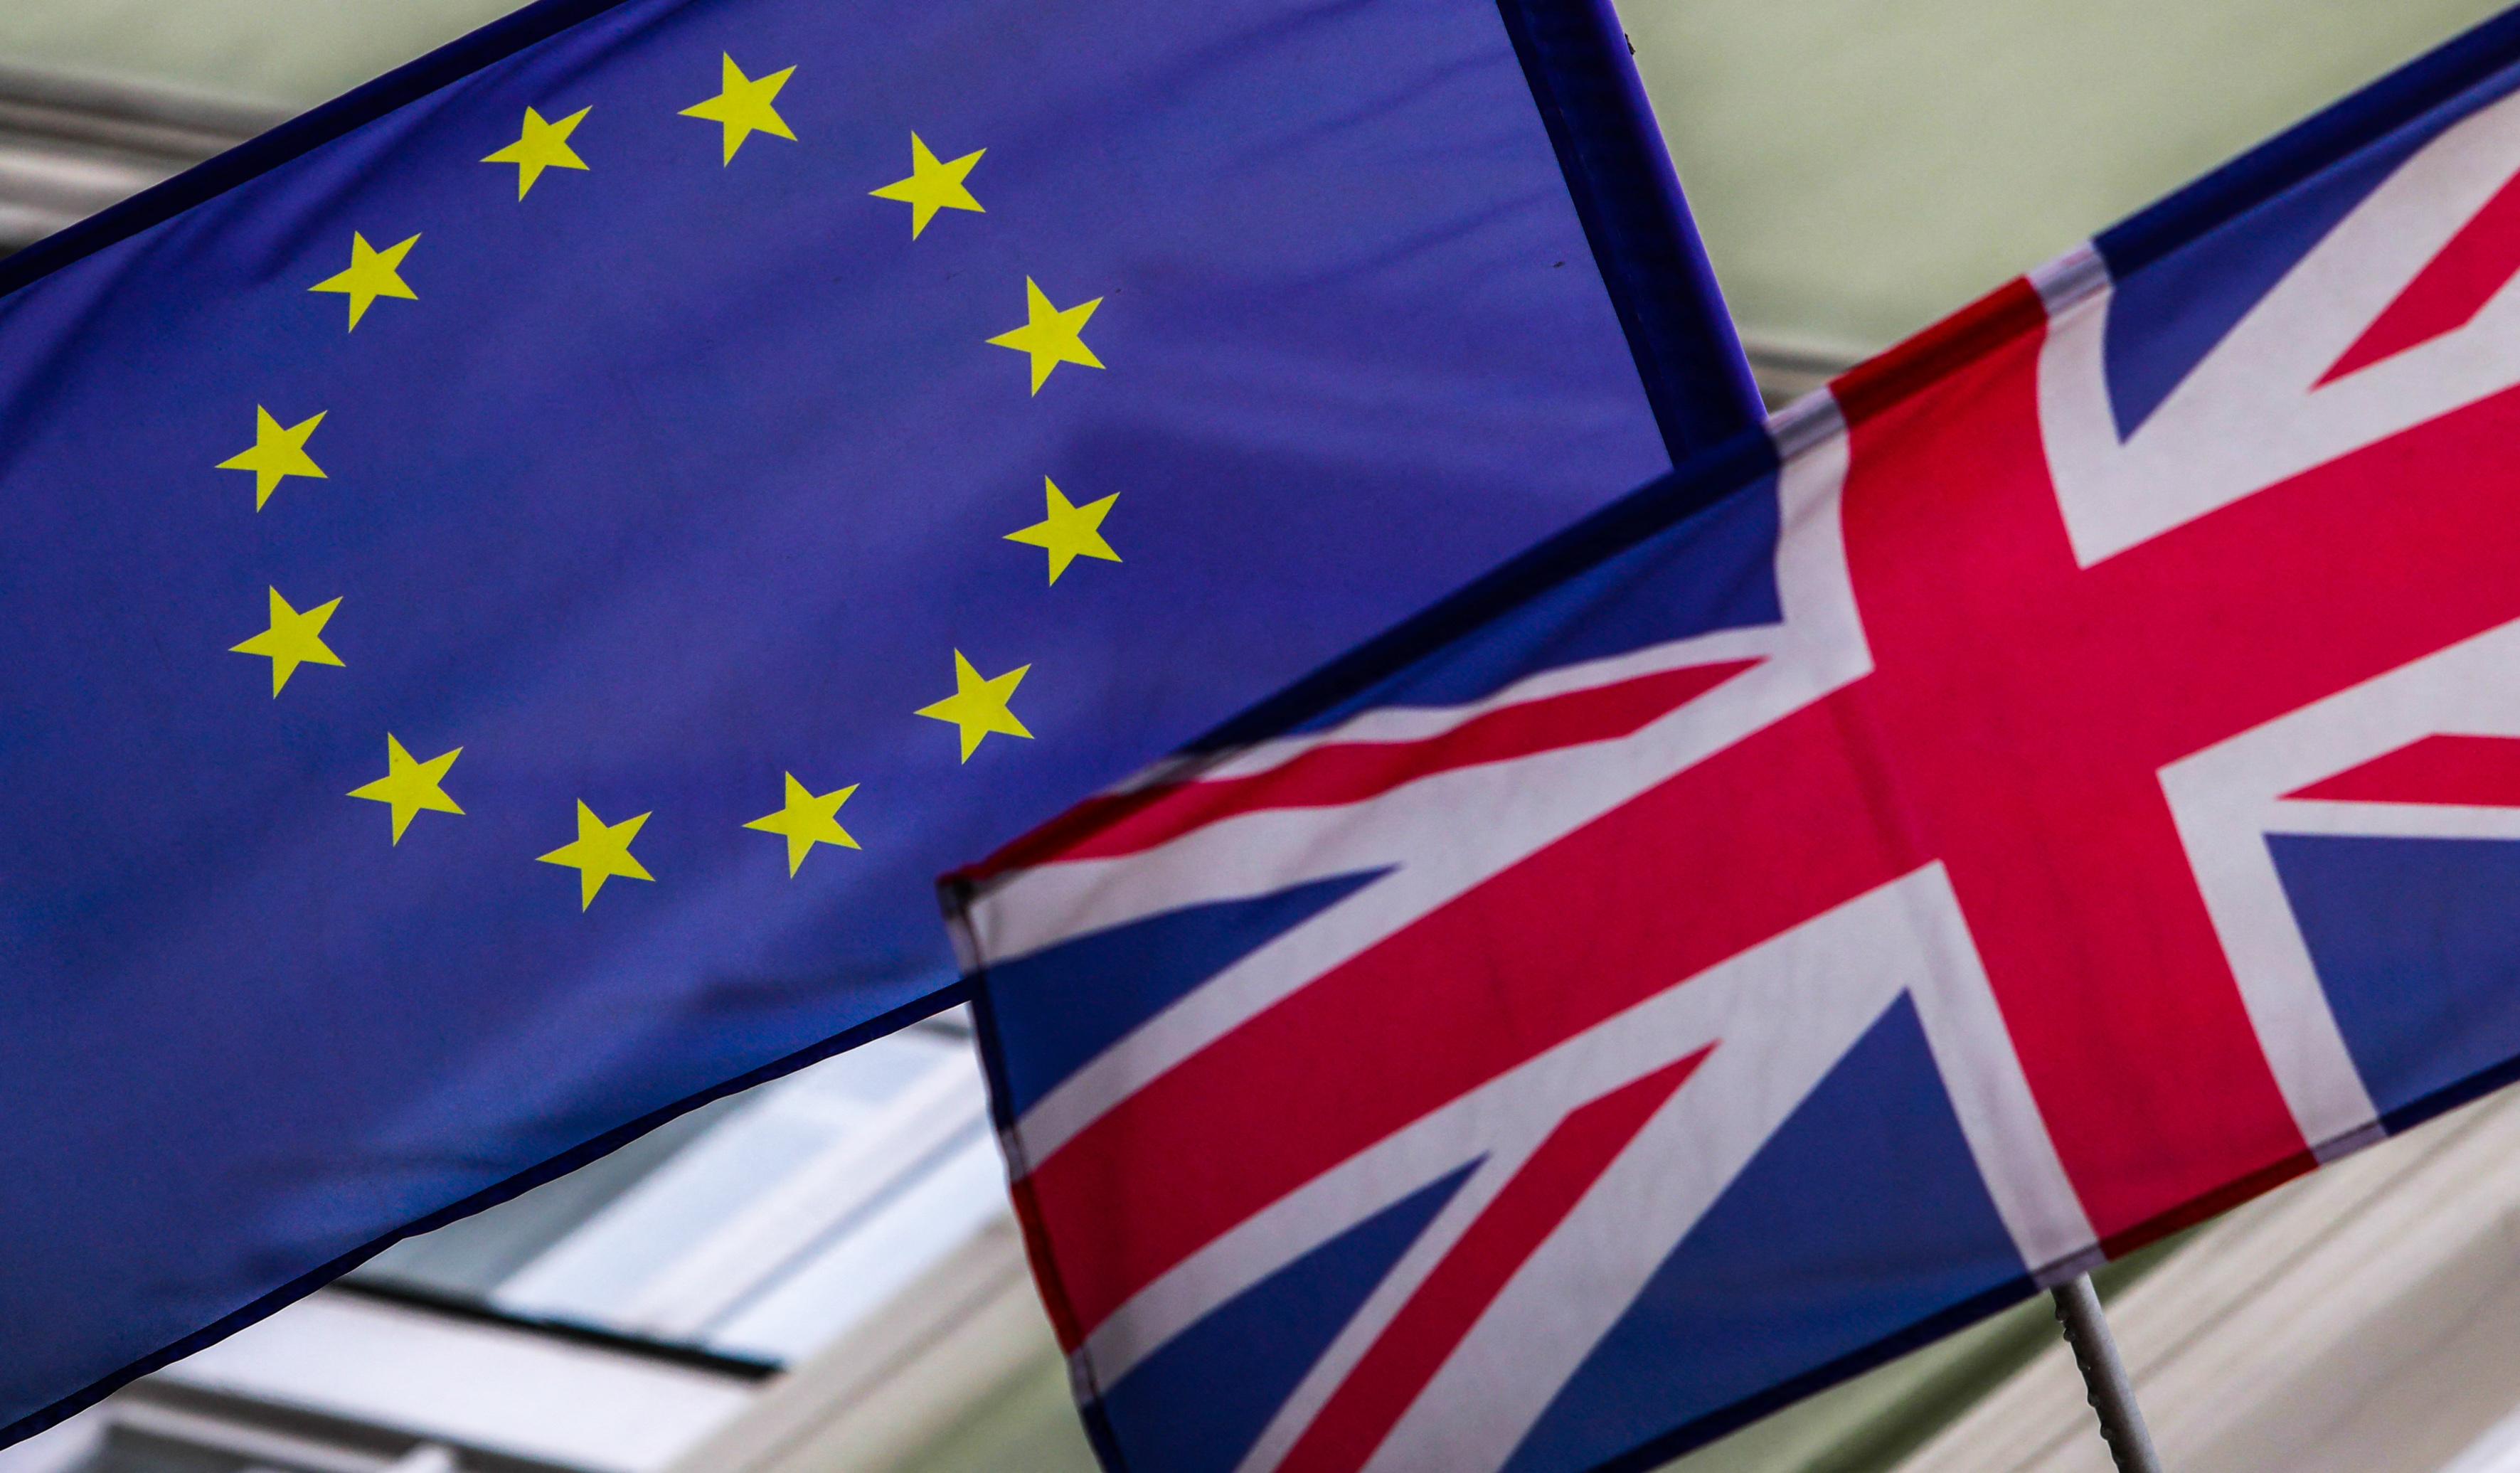 Június 30-ig kell benyújtani a Nagy-Britanniában élő EU-állampolgárok letelepedési kérelmét